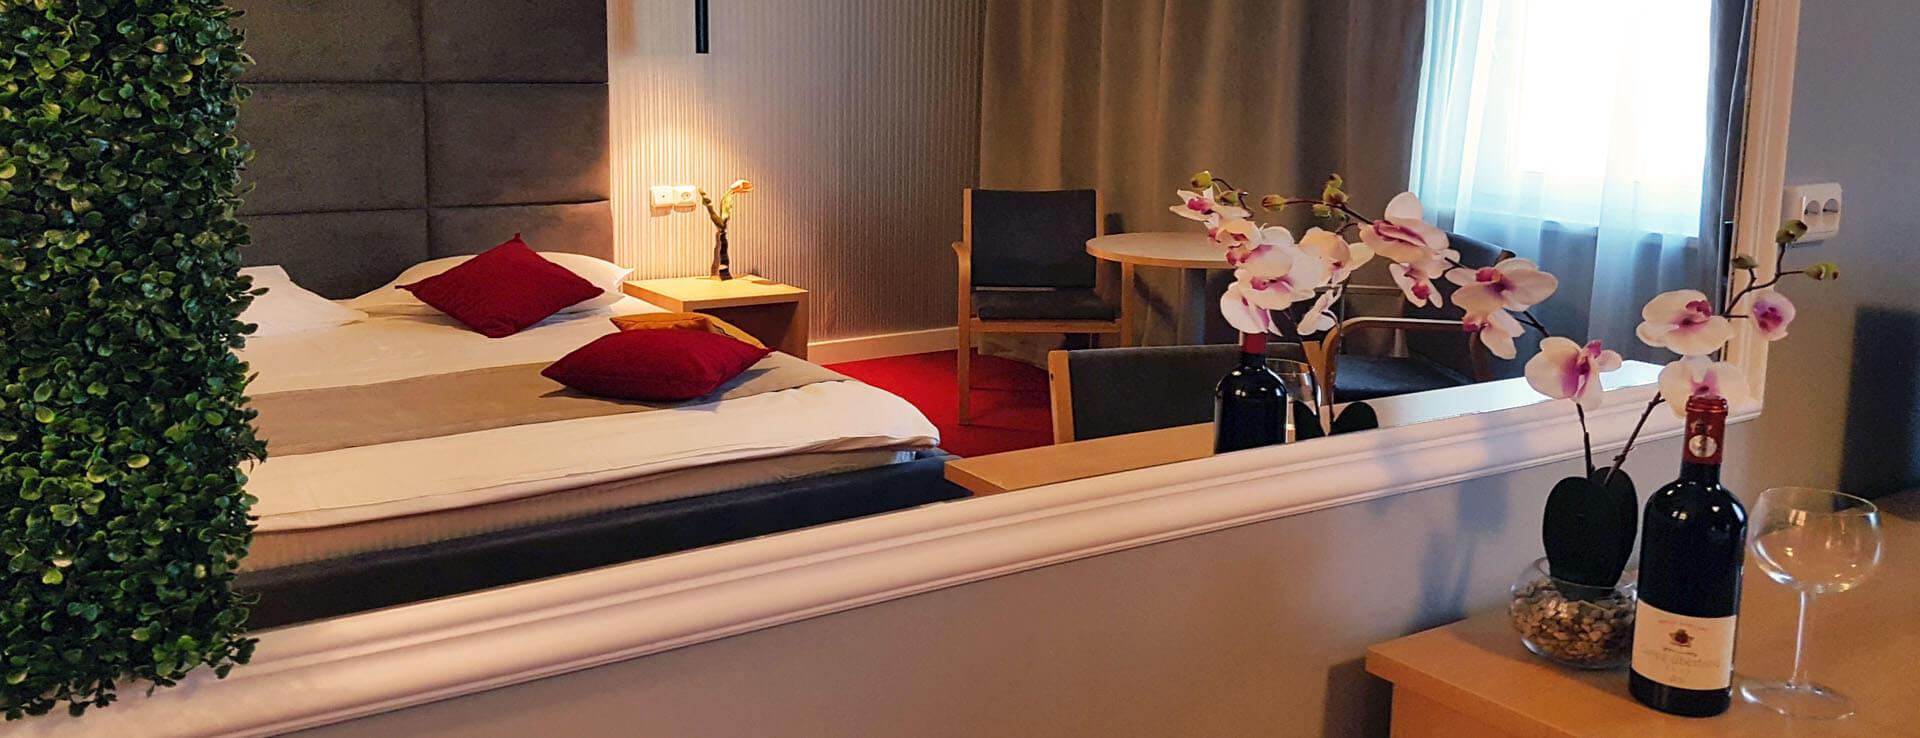 Double Room Hotel Boavista